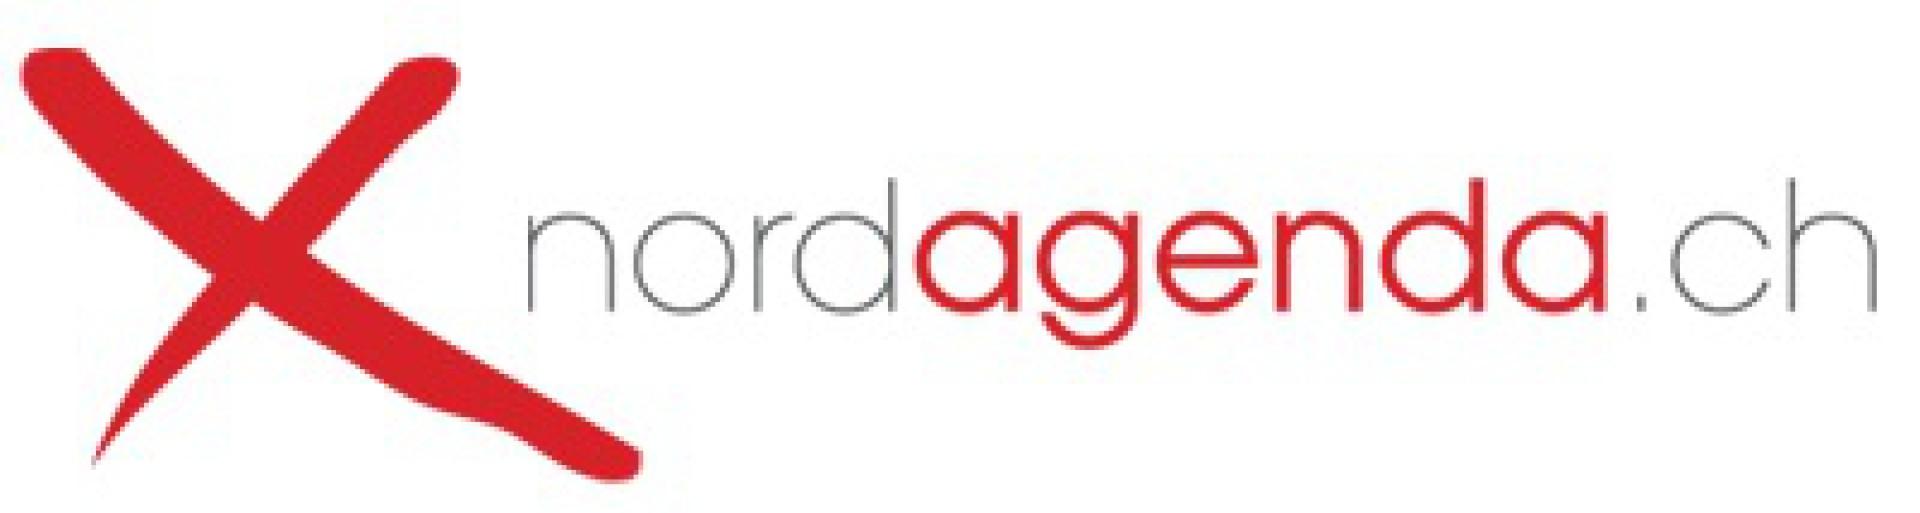 blog.nordagenda.ch